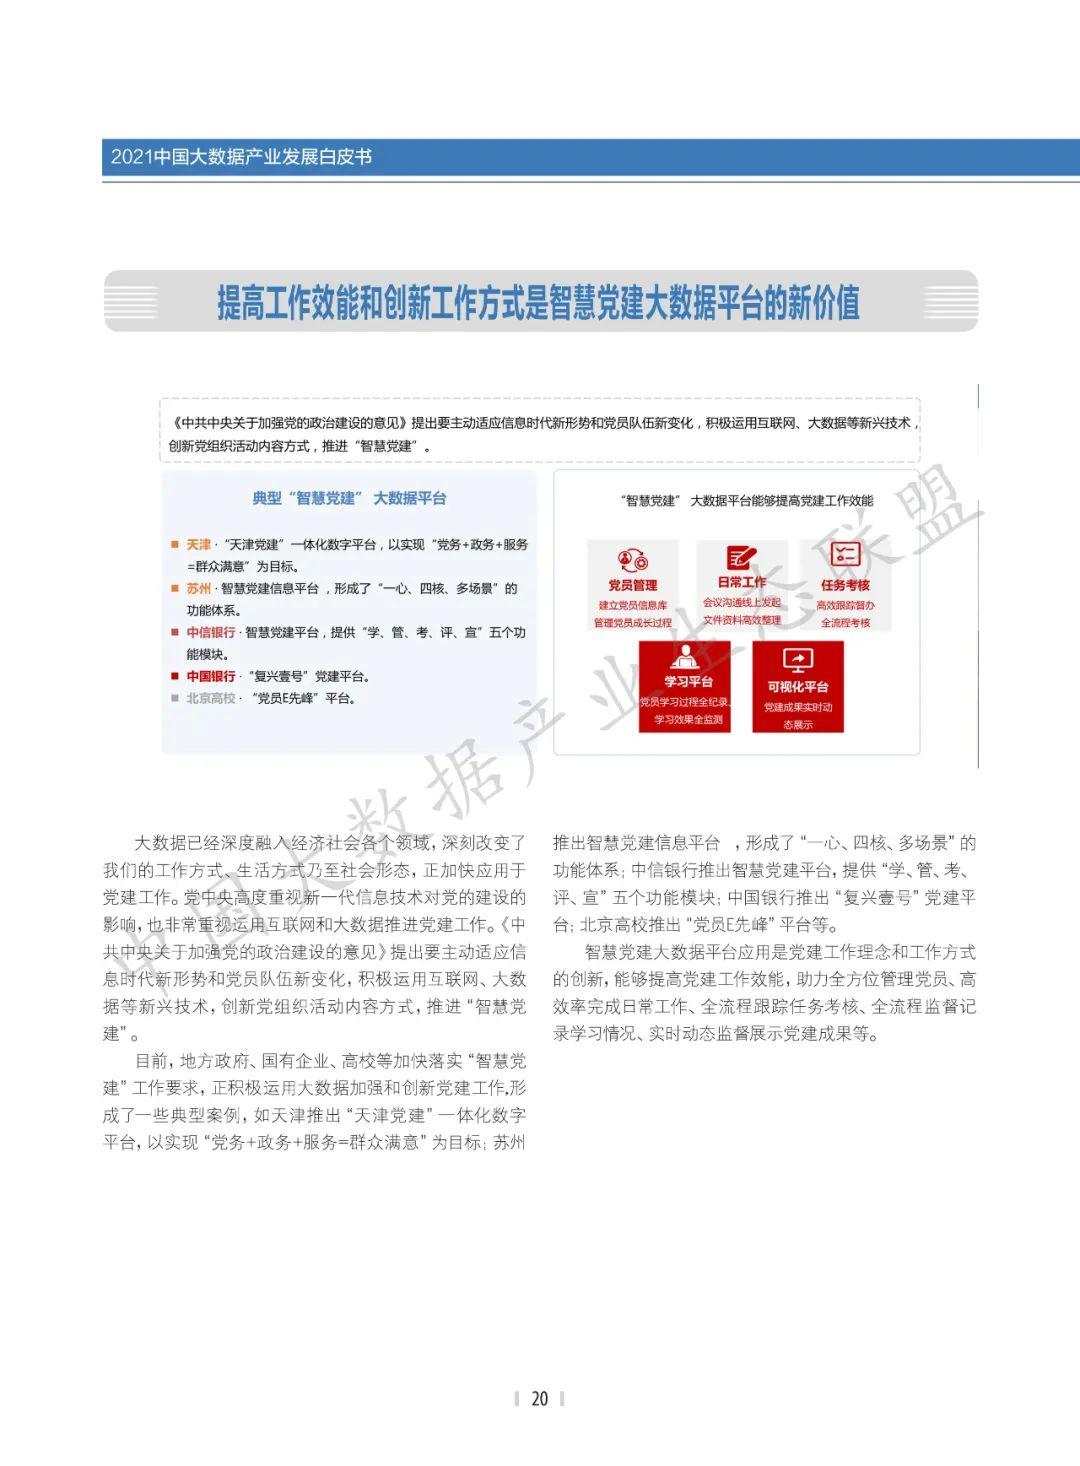 2021中国大数据产业生态地图暨中国大数据产业发展白皮书